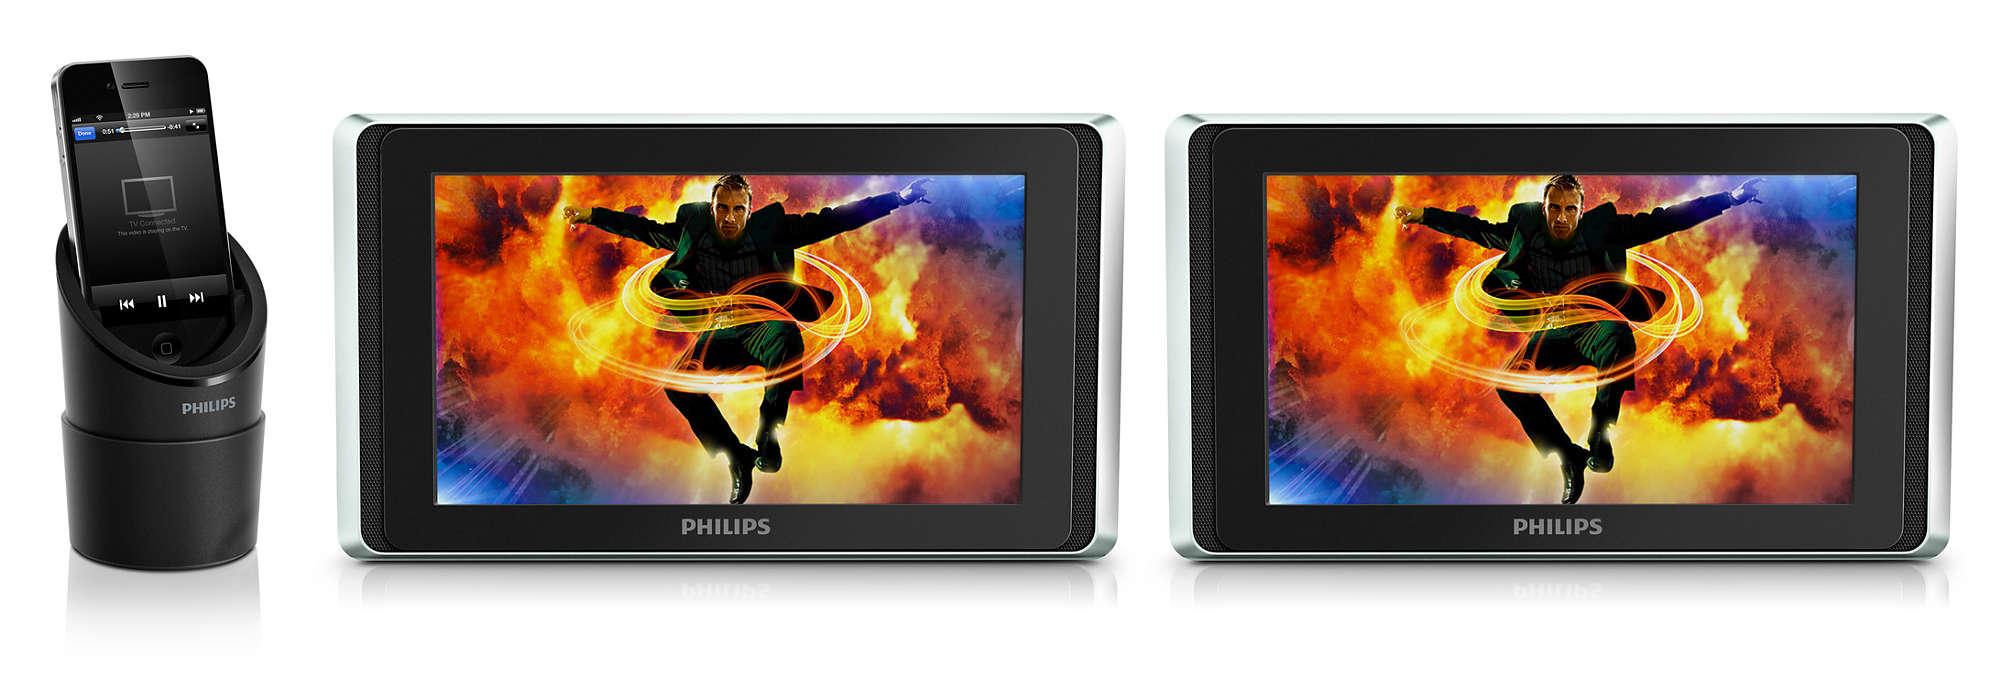 Élvezze az iPod/iPhone/iPad videót az autóban